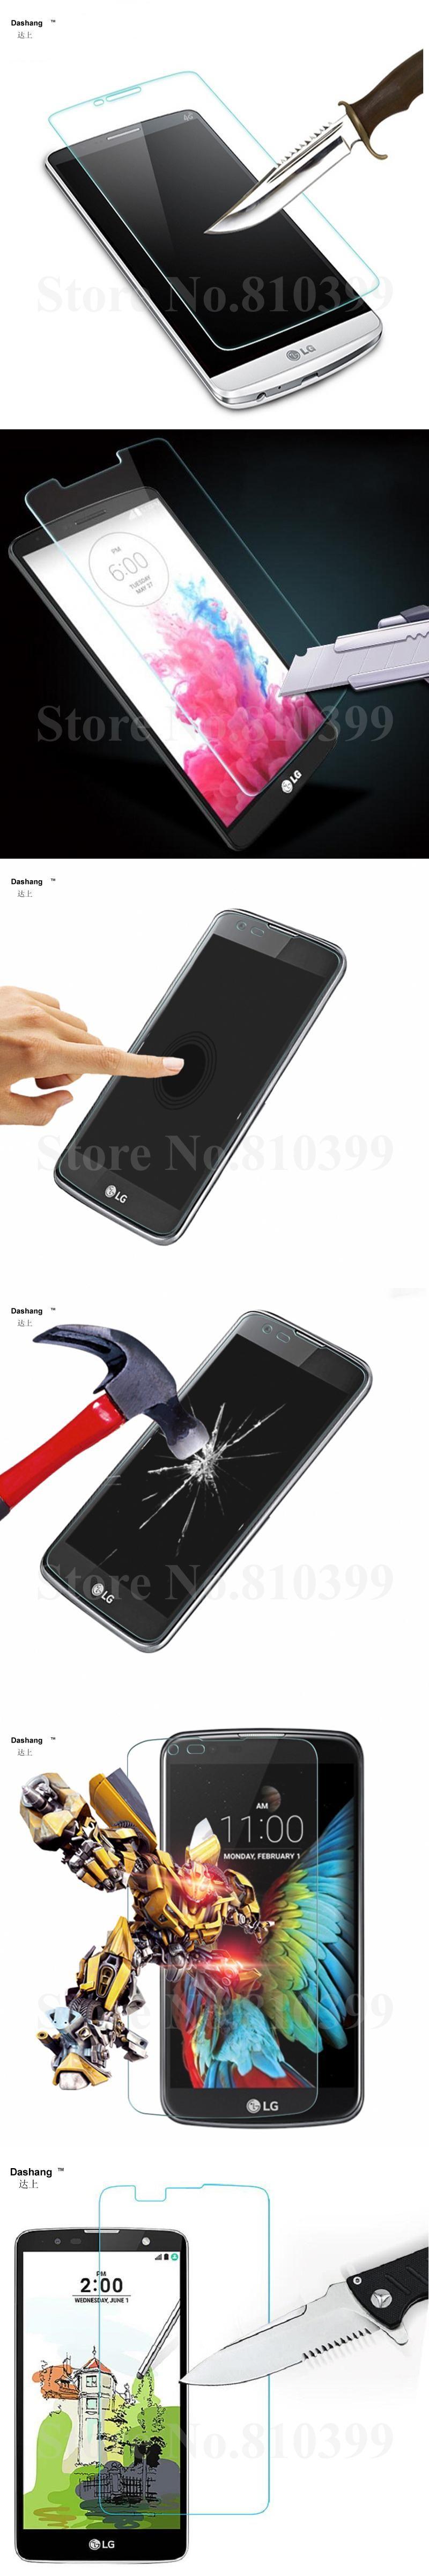 Tempered Glass Screen Protector For LG G2 G3 G4 G5 MINI G2 LITE G3 STYLUS G4